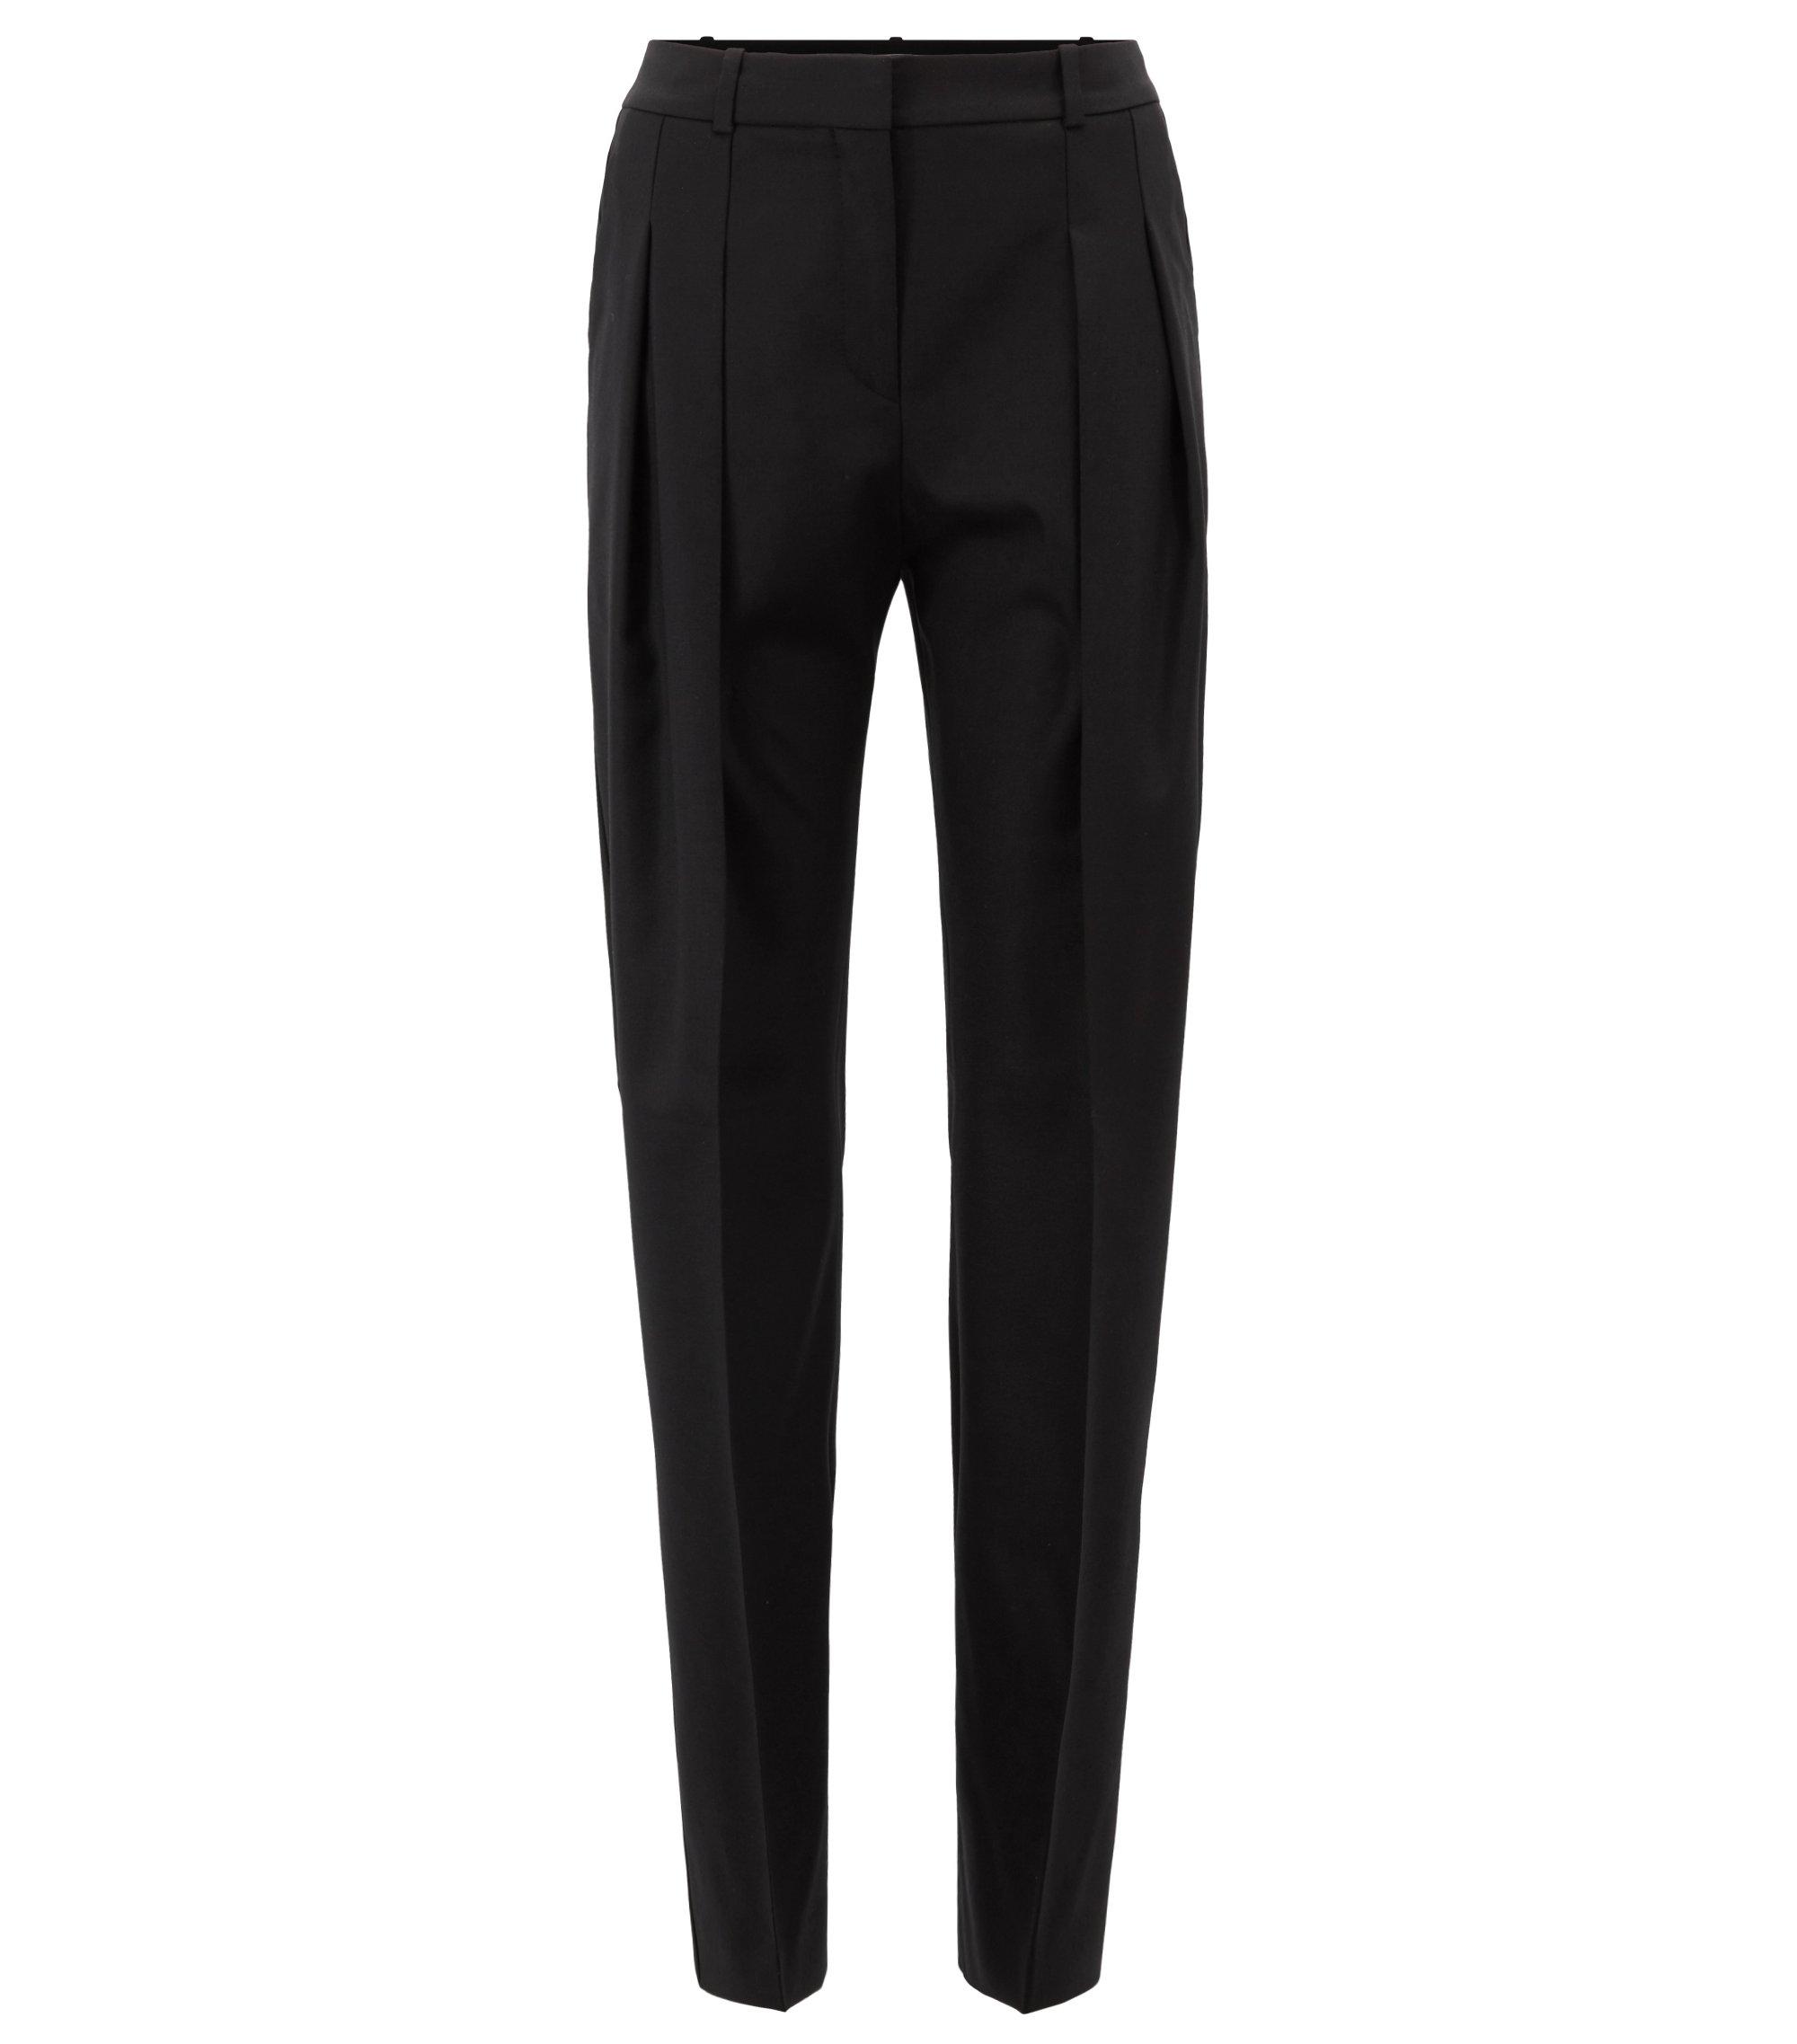 Relaxed-fit wide-leg tuxedo trousers in Italian stretch wool, Black